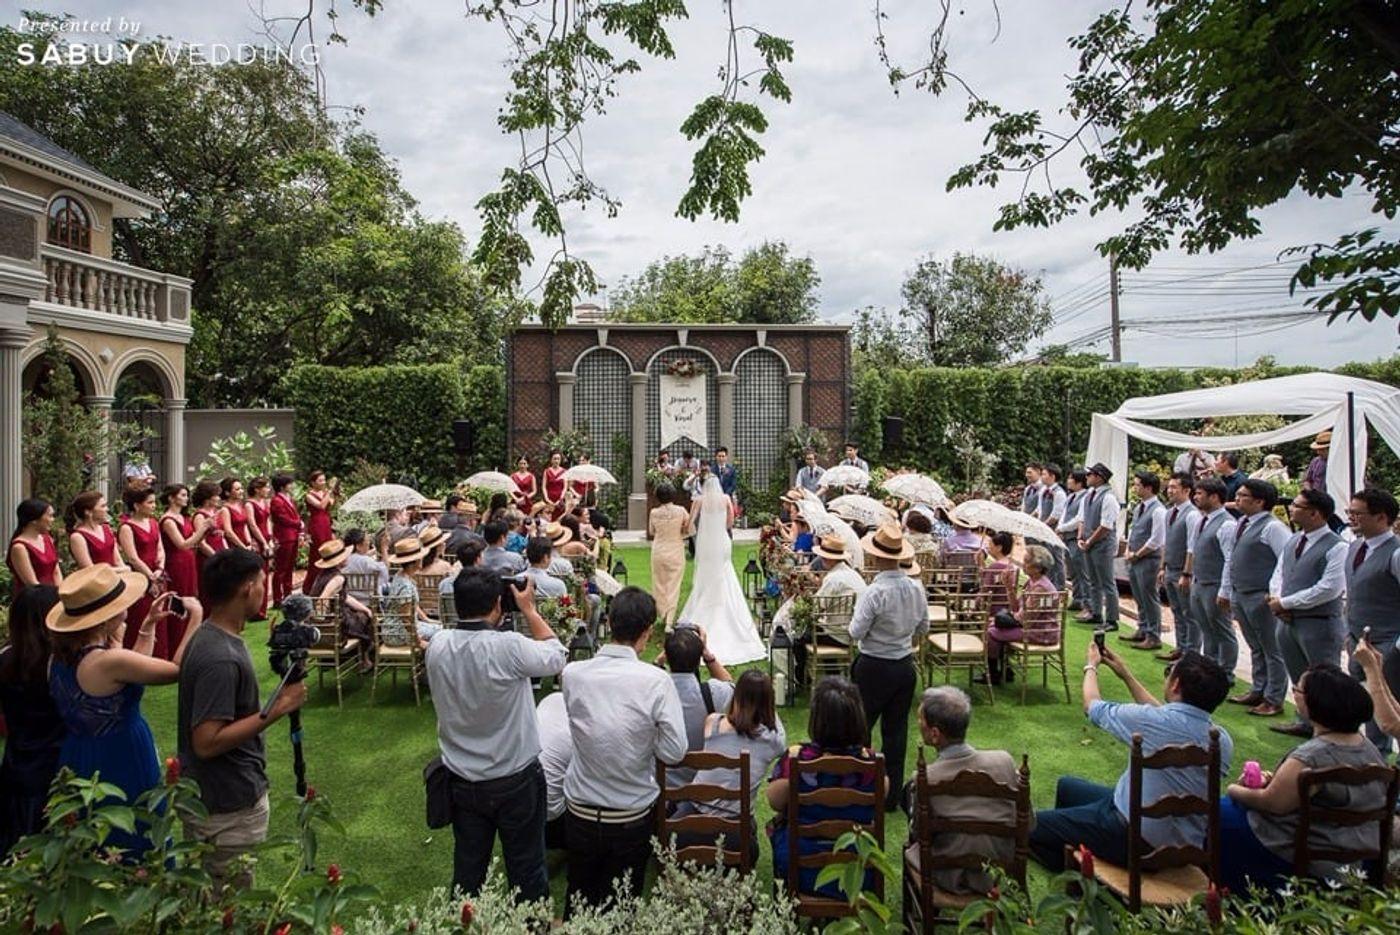 สถานที่แต่งงาน,สถานที่จัดงานแต่งงาน,งานแต่งในสวน,งานแต่ง outdoor,งานแต่งงาน,พิธีแต่งงาน รีวิวงานแต่งสุดเก๋ สไตล์ยุโรป @The Apothecary Venue